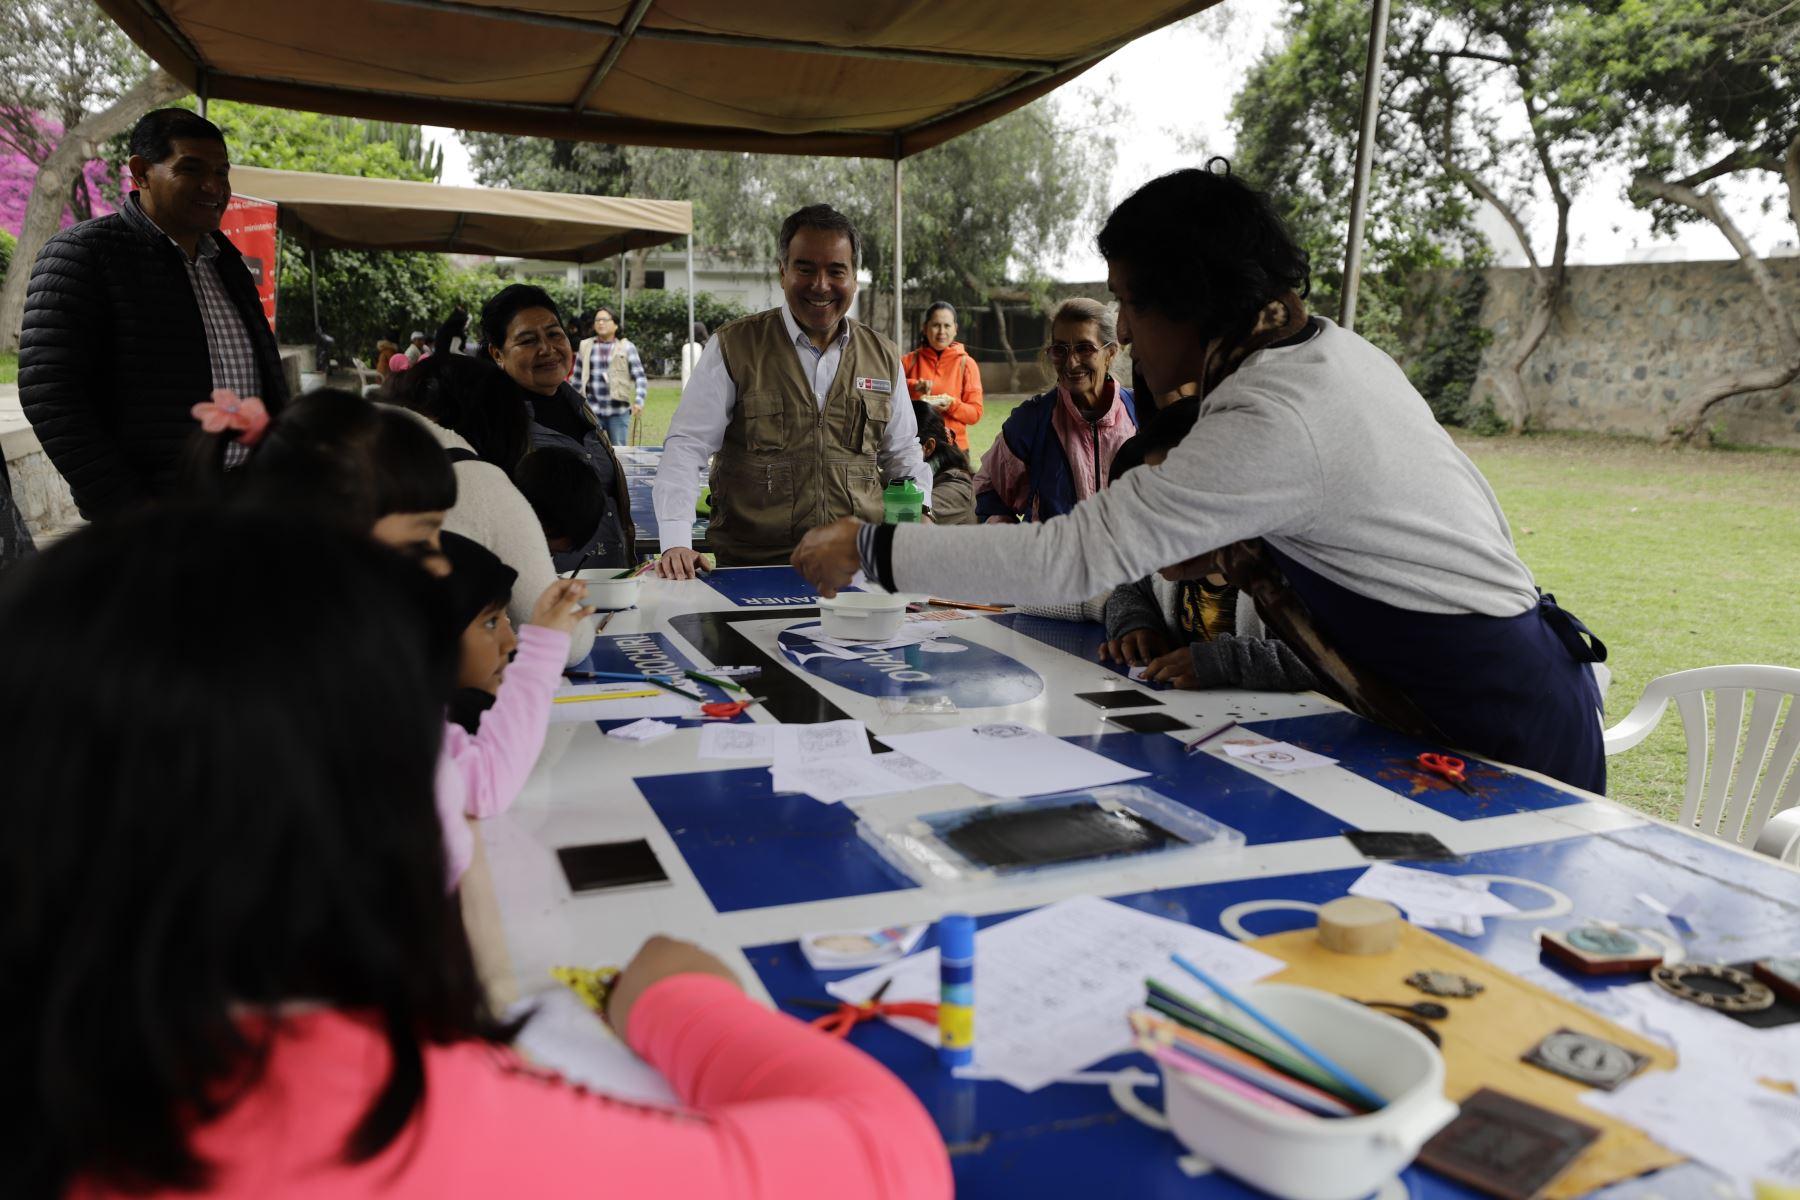 El ministro de Cultura, Francesco Petrozzi, participó hoy de una nueva edición de Museos Abiertos (MUA), la cual permite el ingreso libre a todo el público a los más de 50 museos administrados por el Ministerio de Cultura a nivel nacional y otros museos del Estado. Foto: Andina/Mincult